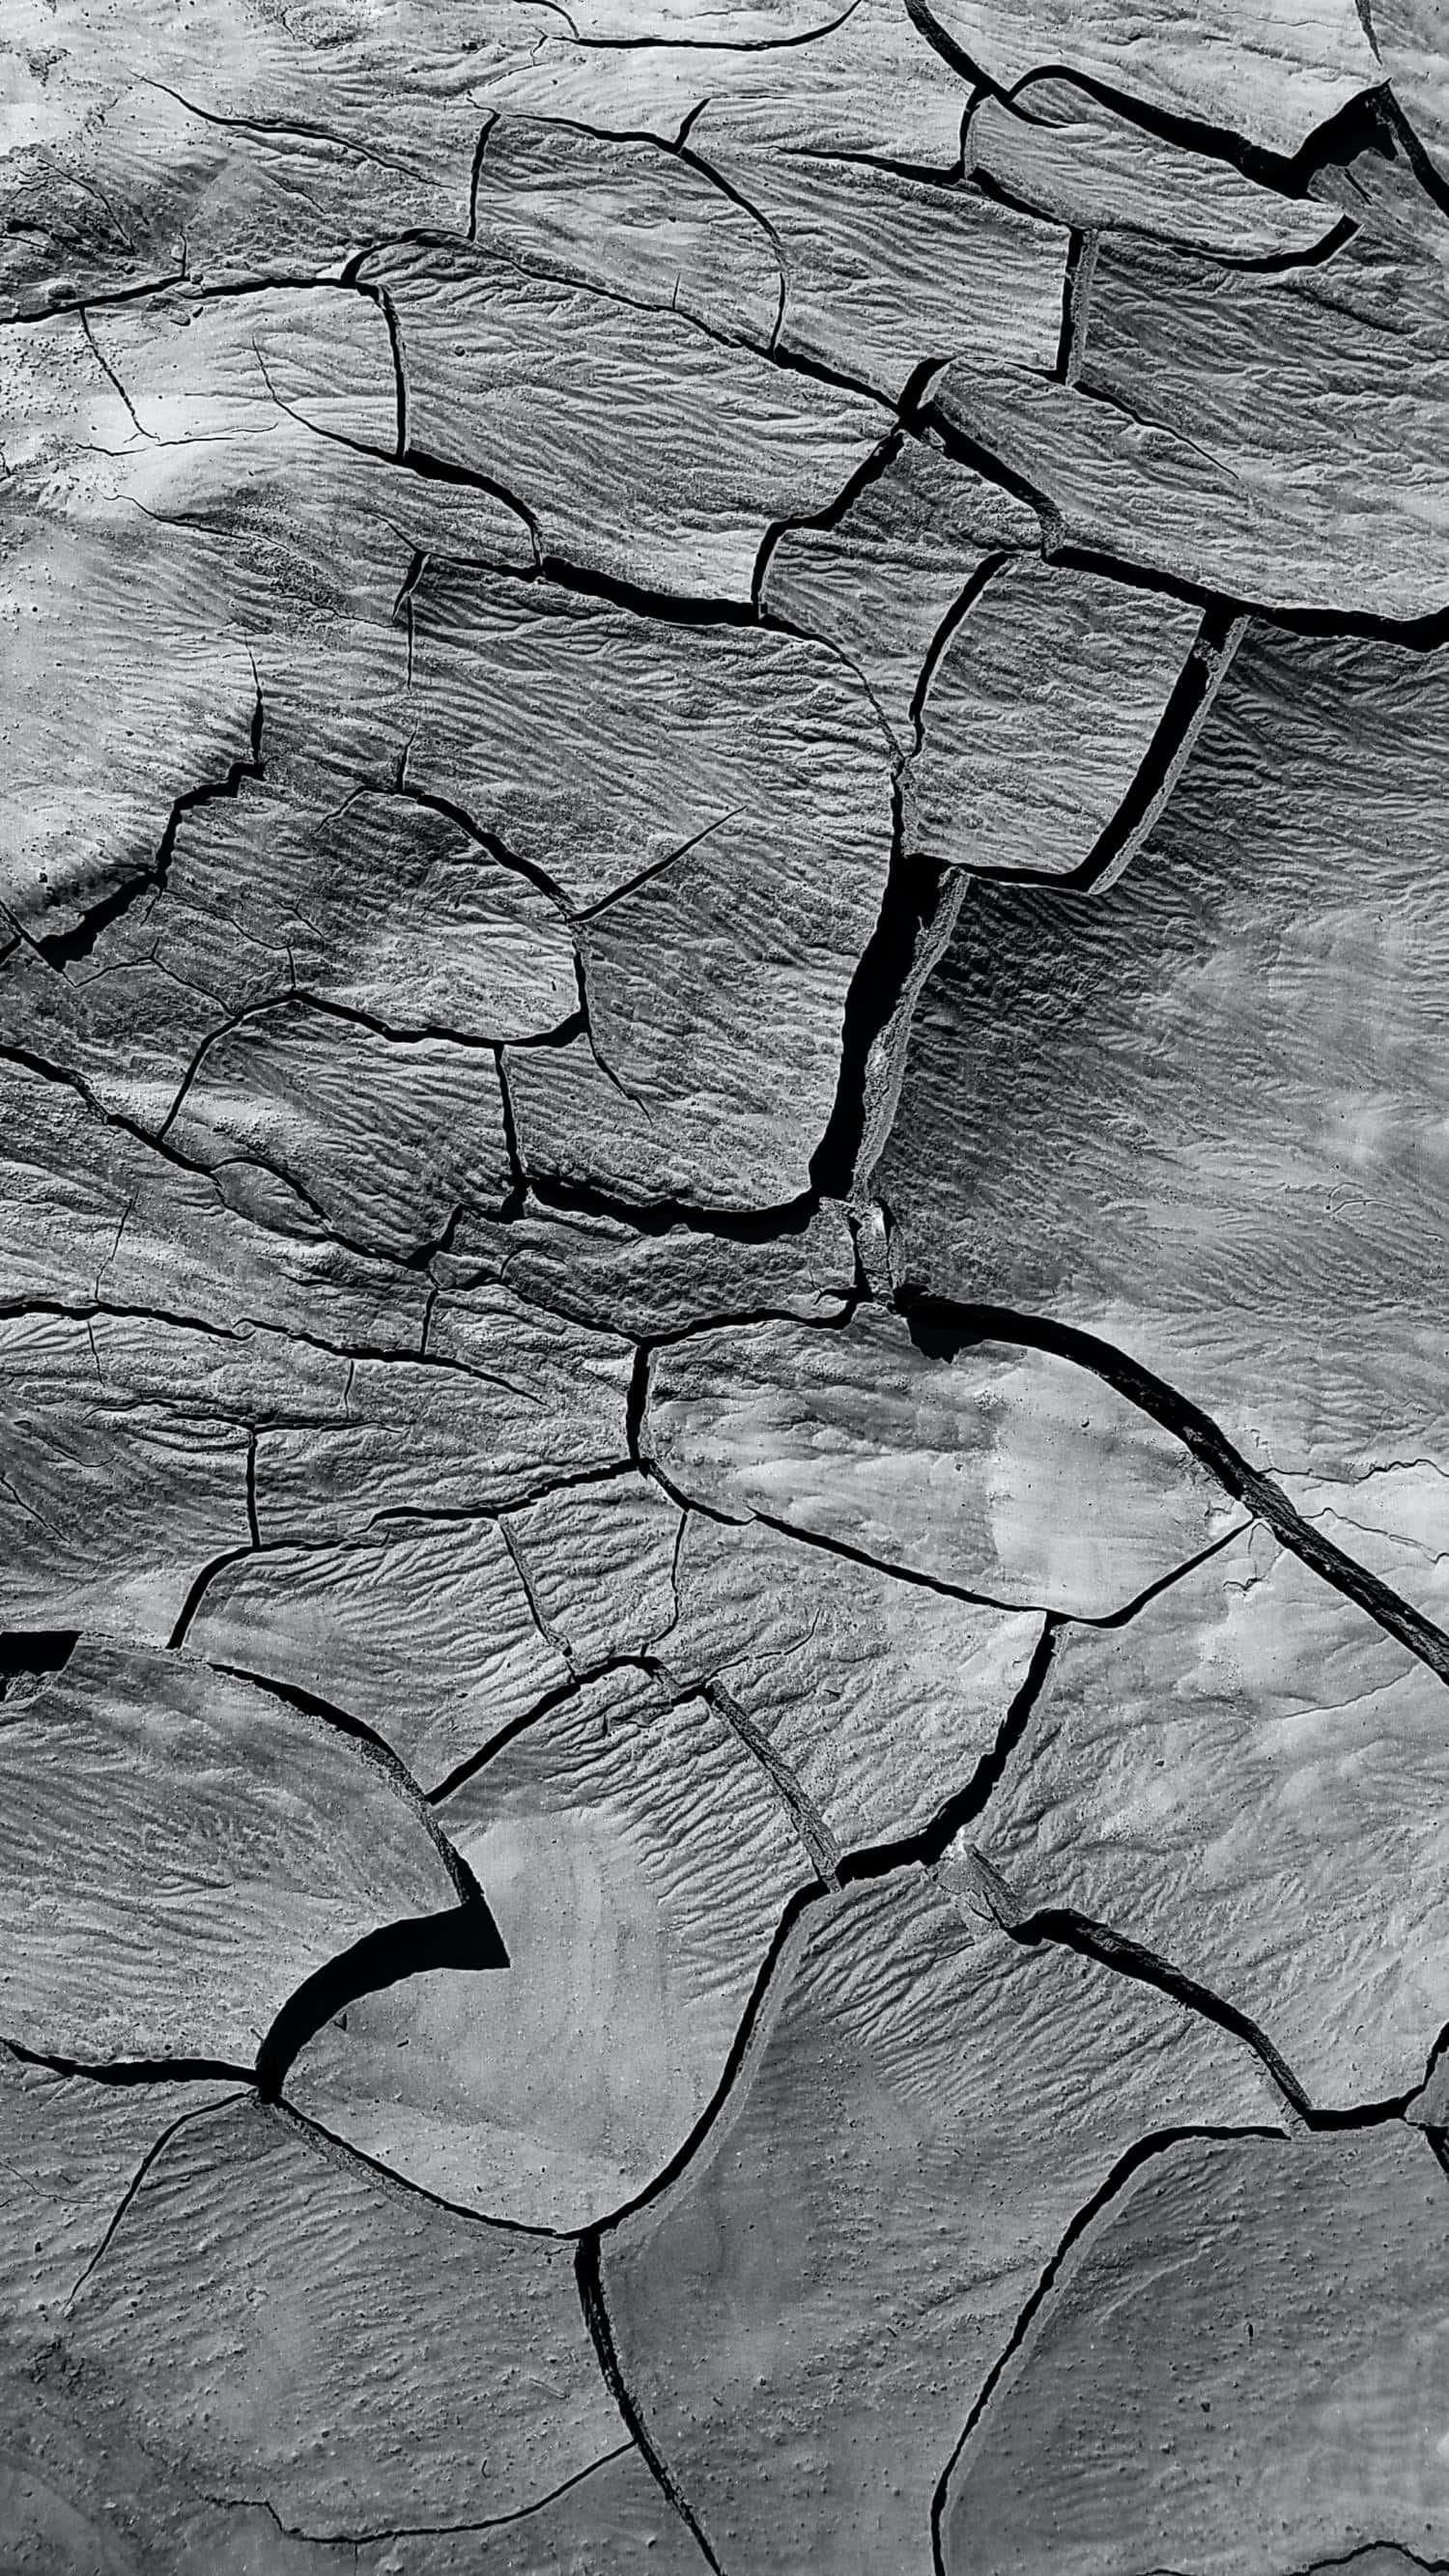 corteza en blanco y negro con textura